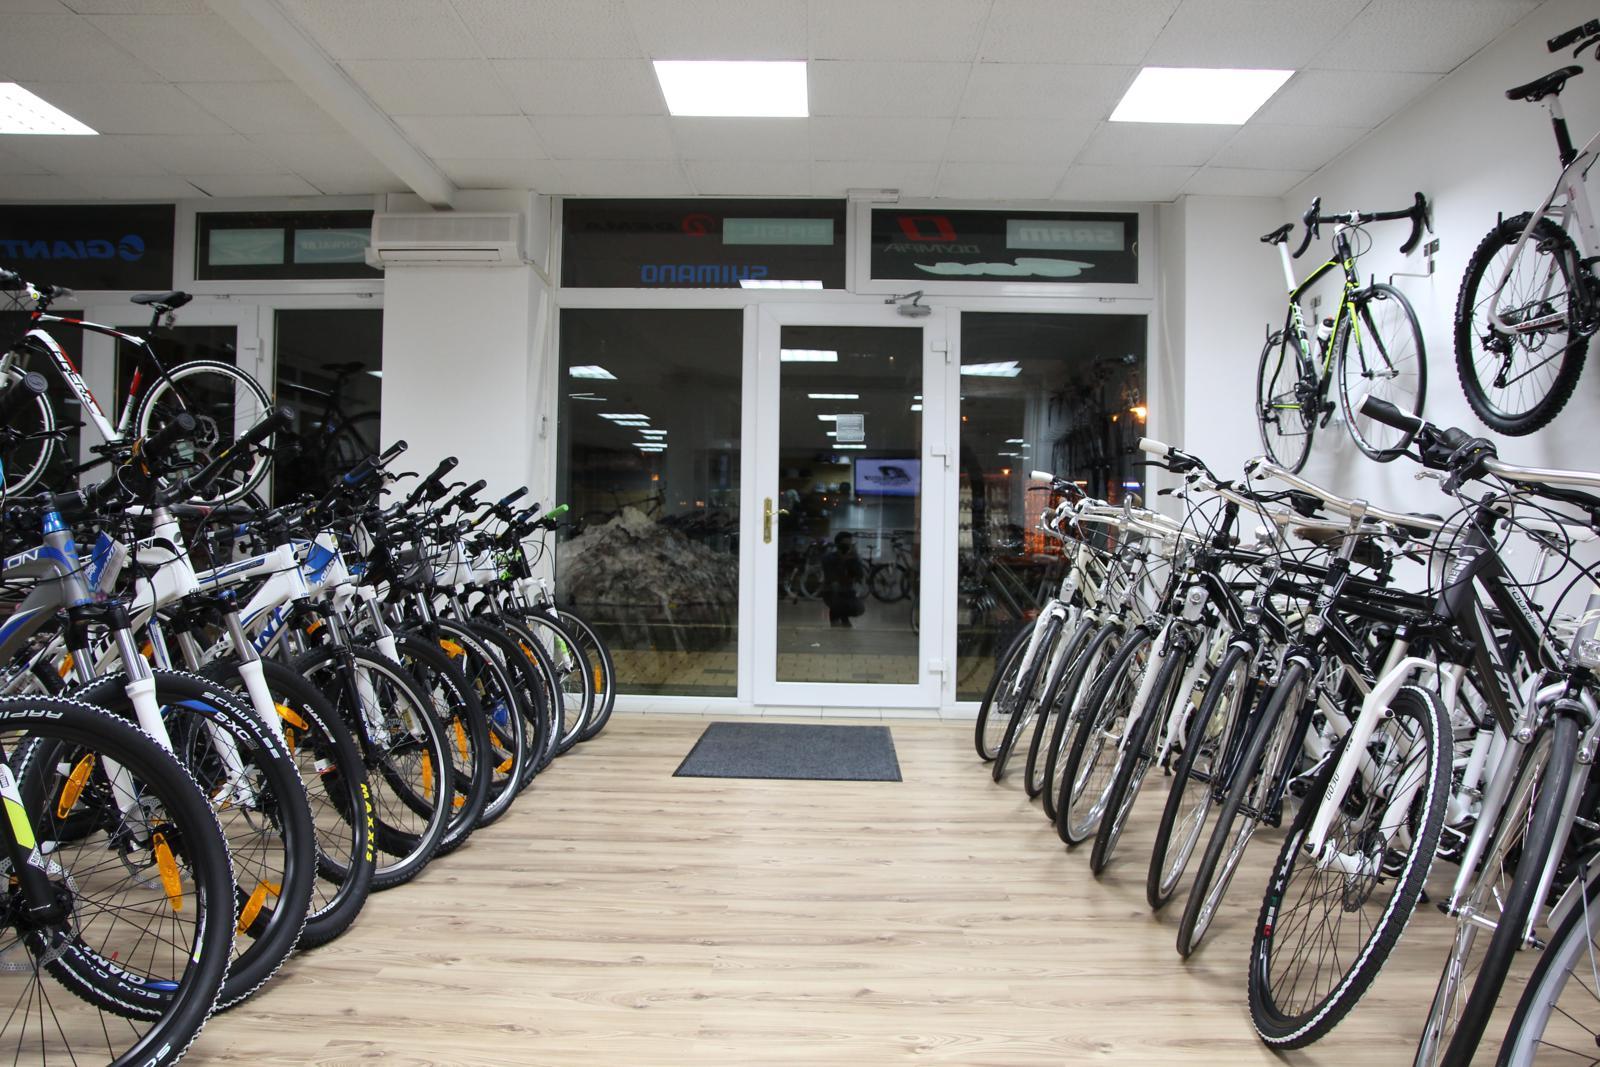 Otvoren još jedan Bike Shop u Zagrebu! slika 1